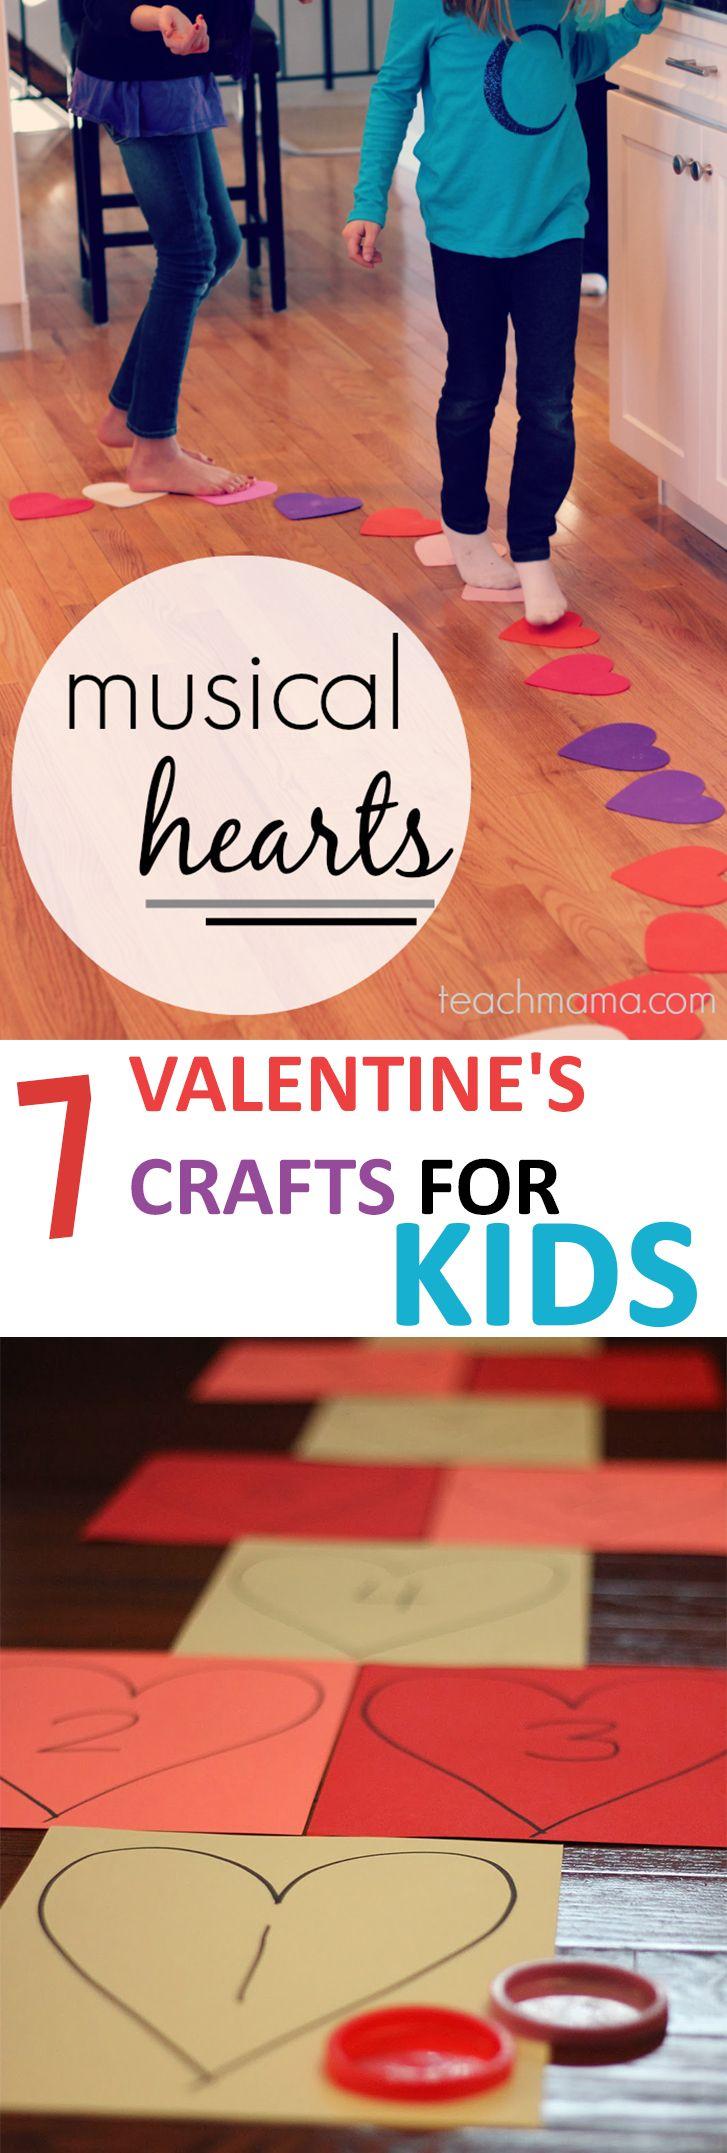 Kindergarten valentine craft ideas - 7 Valentine S Crafts For Kids